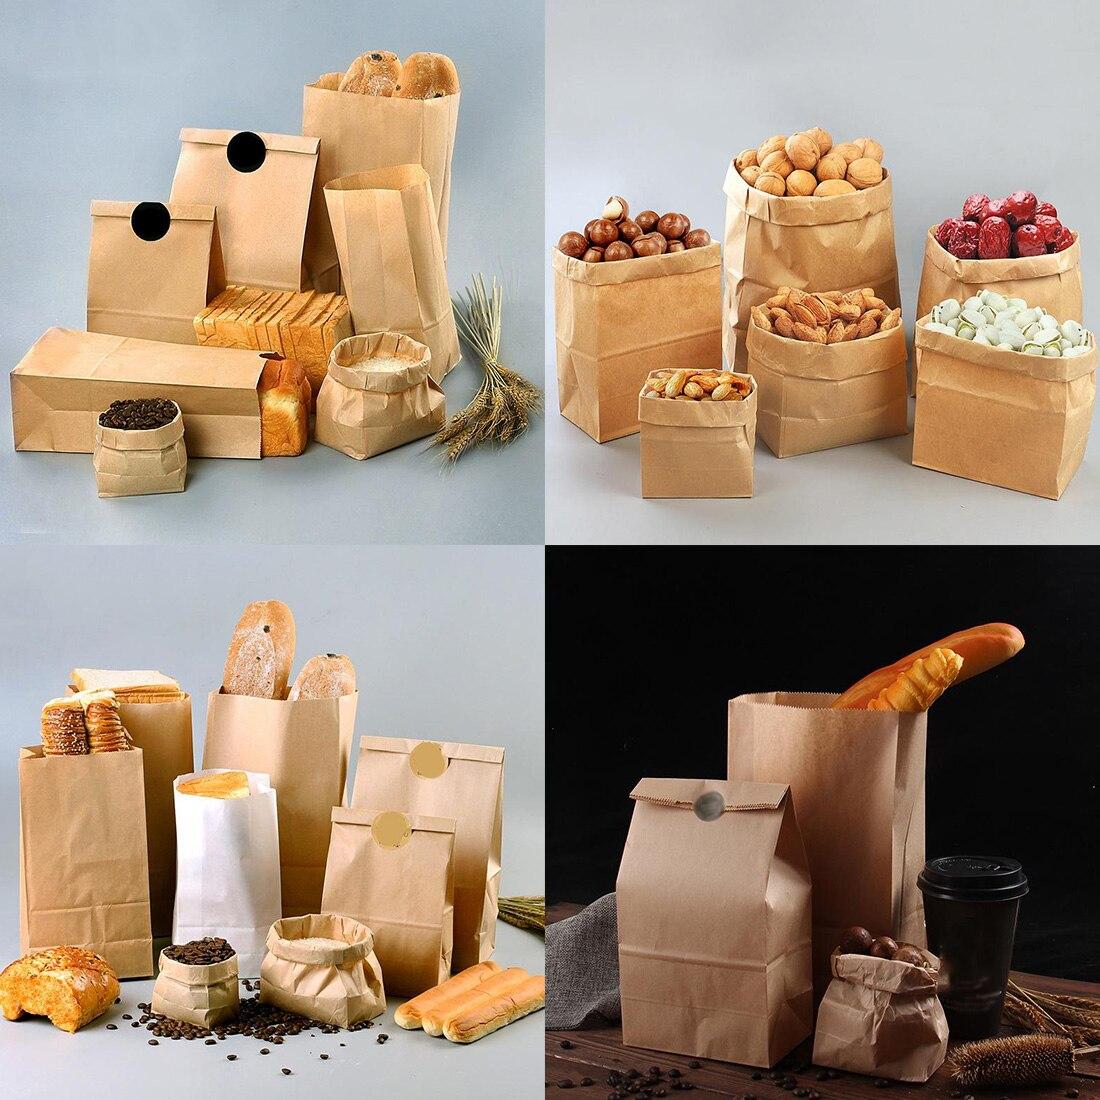 10 Stücke Braun Kraft Papier Geschenk Candy Taschen Hochzeit Verpackung Tasche Recycelbar Lebensmittel Brot Partei Einkaufs Taschen Für Boutique Zip Schloss Moderate Kosten